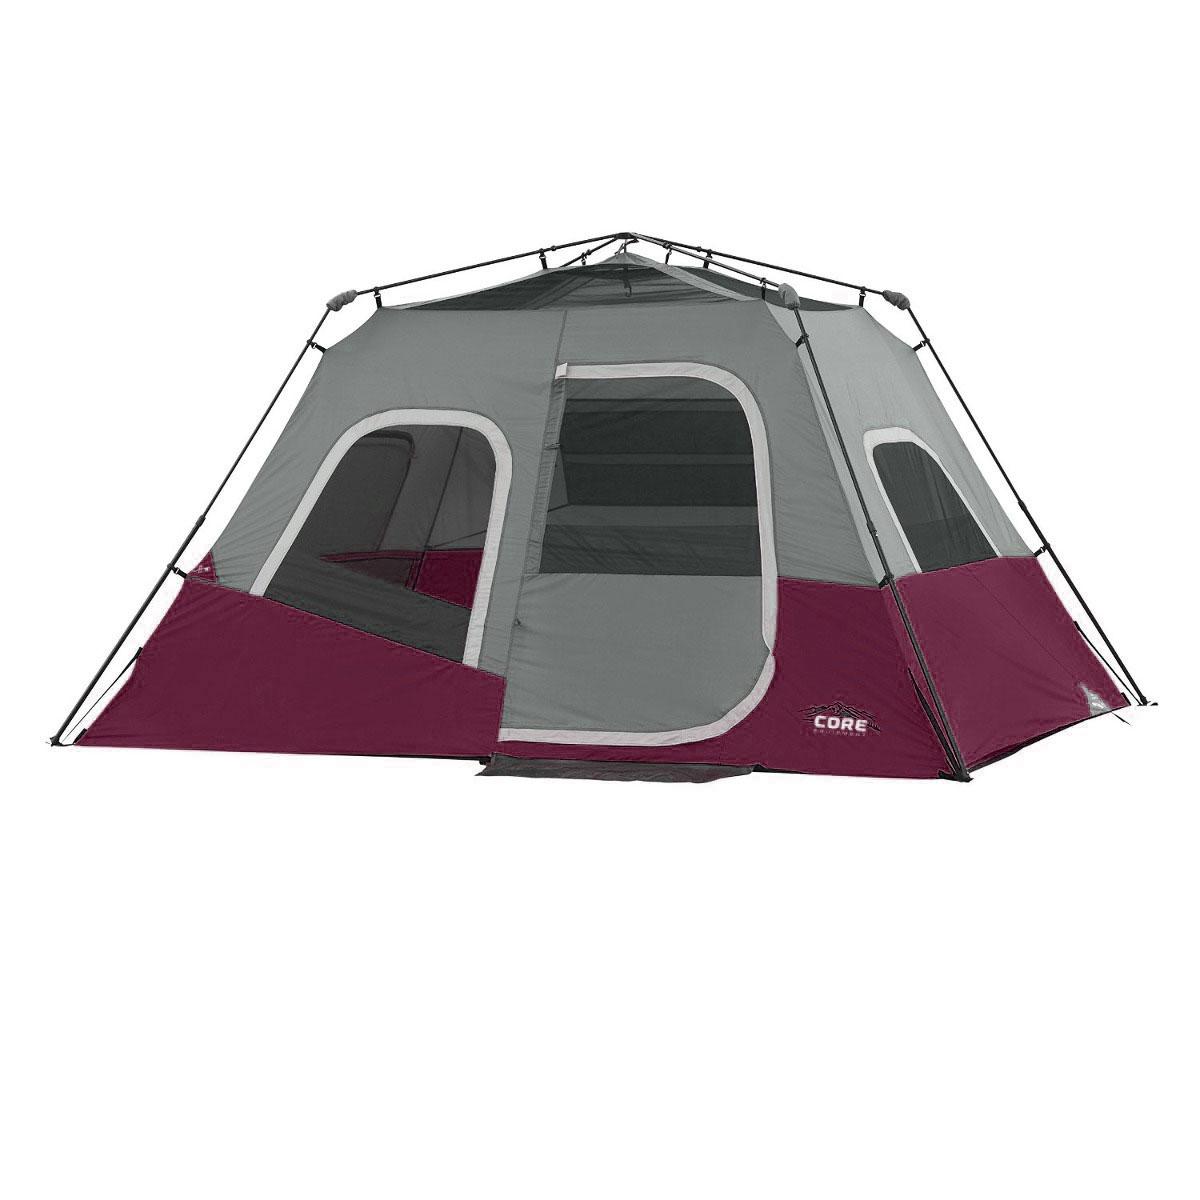 Sleeps 8 Green Core Equipment 13' x 9' Instant Cabin Tent